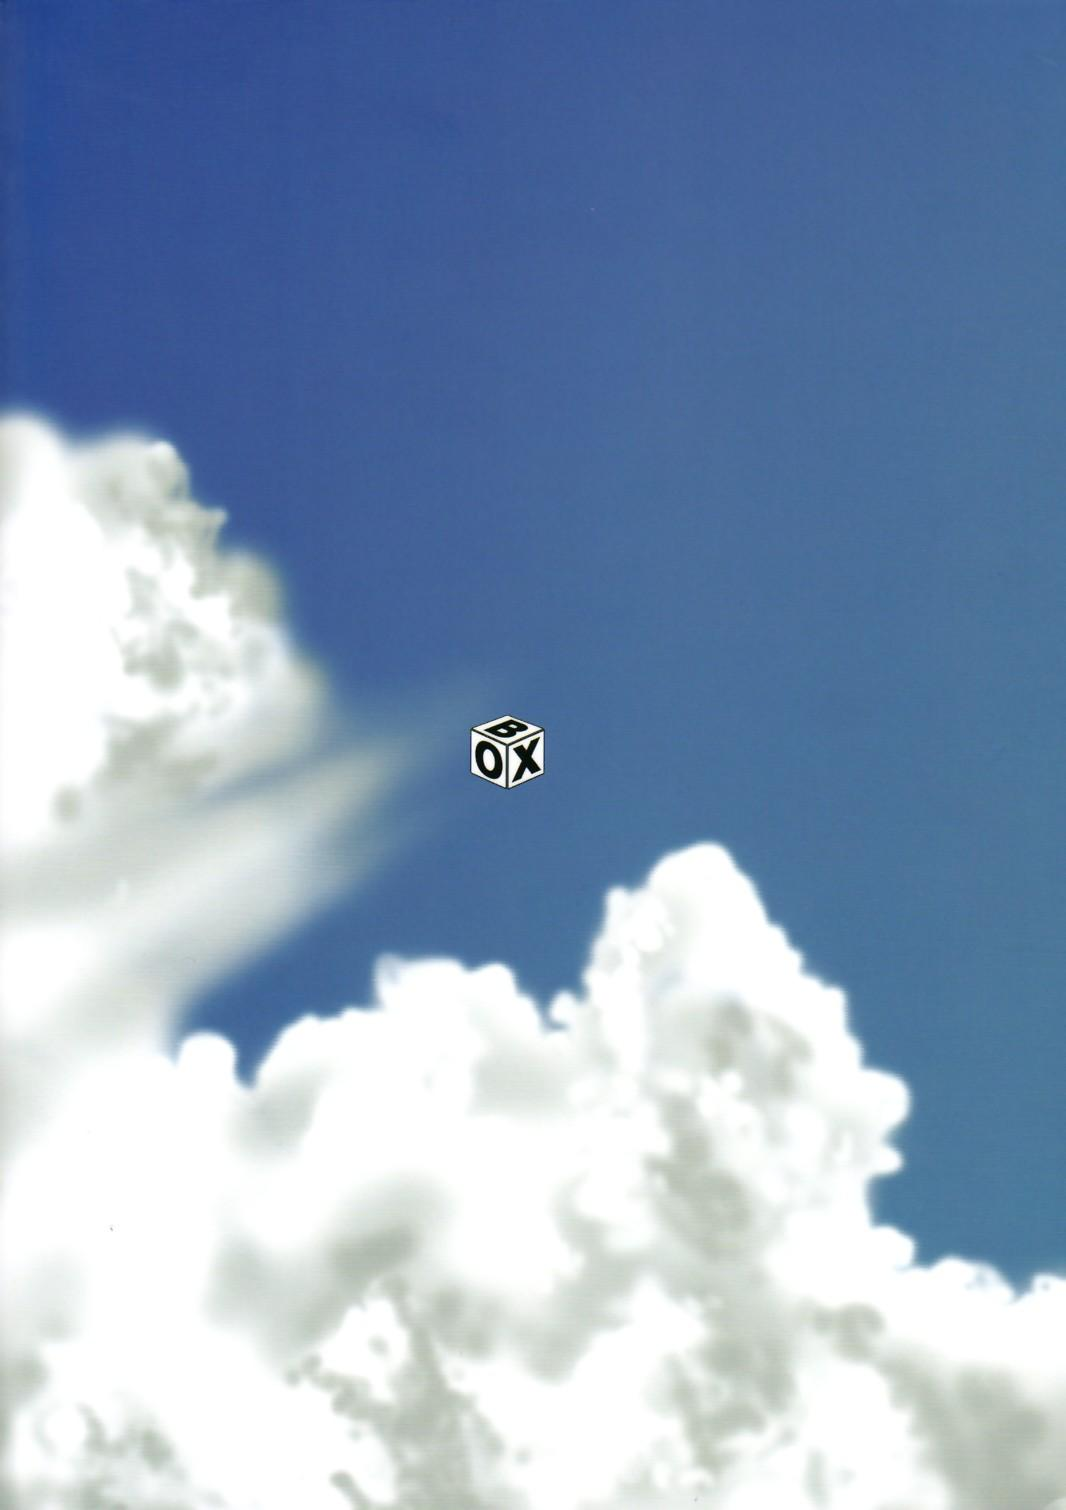 (C78) [Box (Tsukumo Gou)] 【19号(つくも号)】そう言って君は笑うSou Itte Kimi wa Warau 1